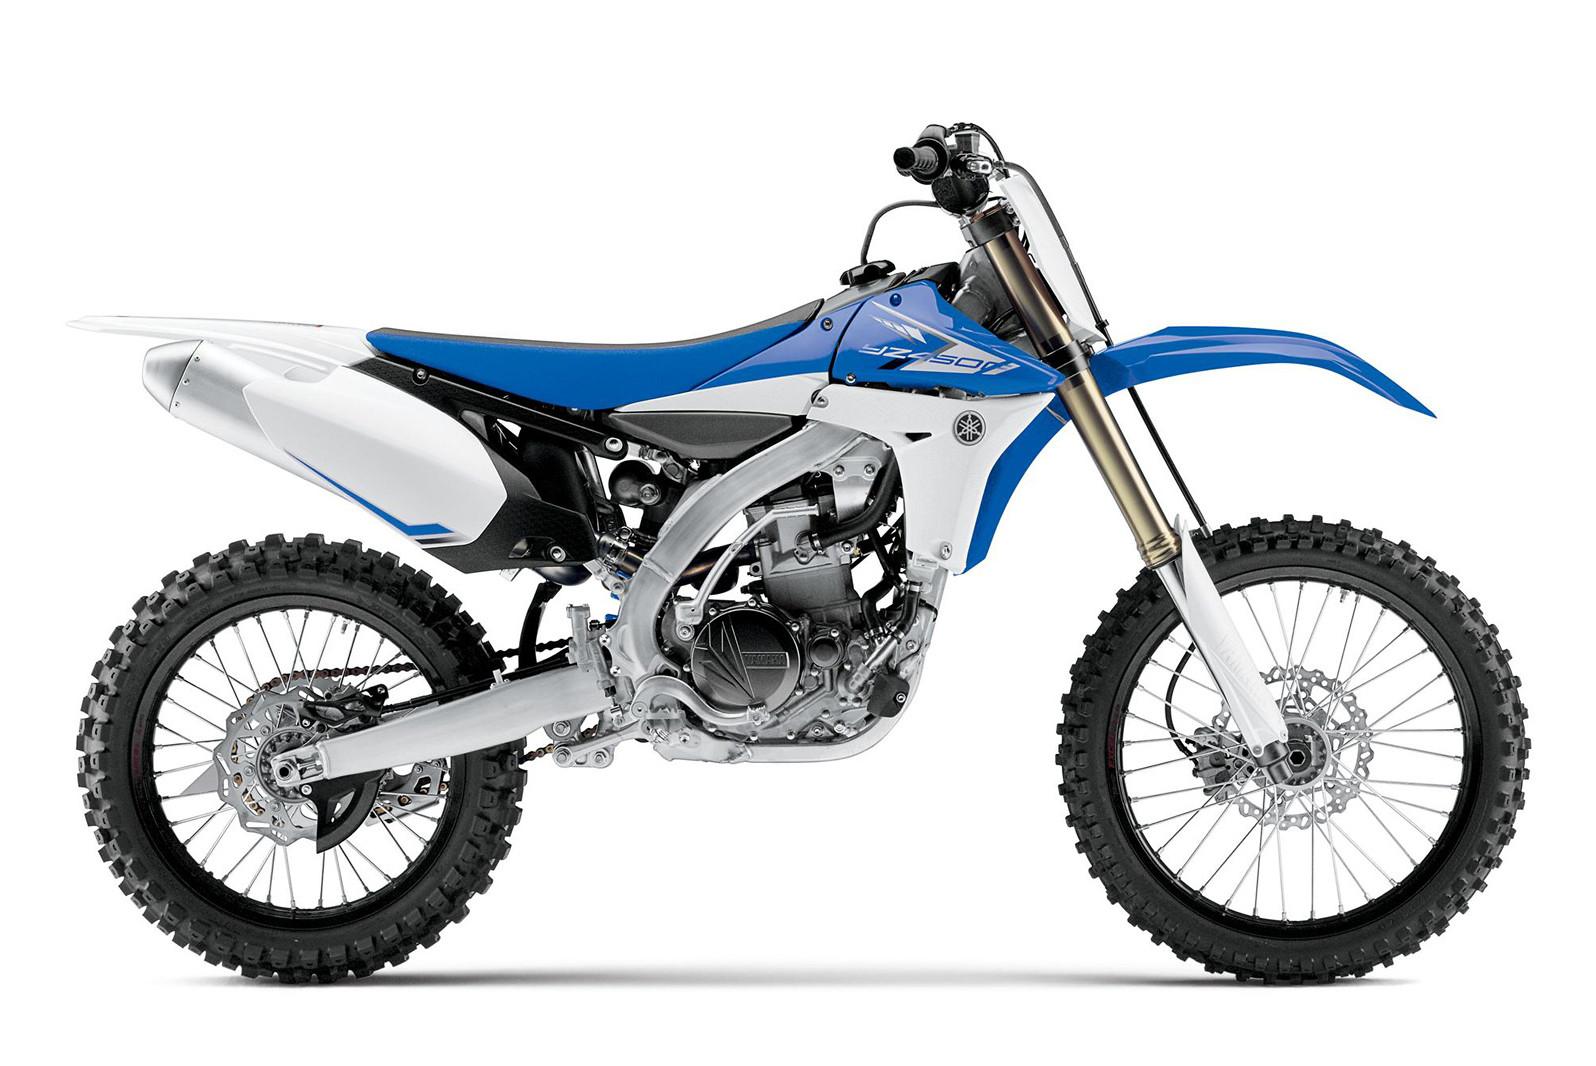 2013 Yamaha YZ450F